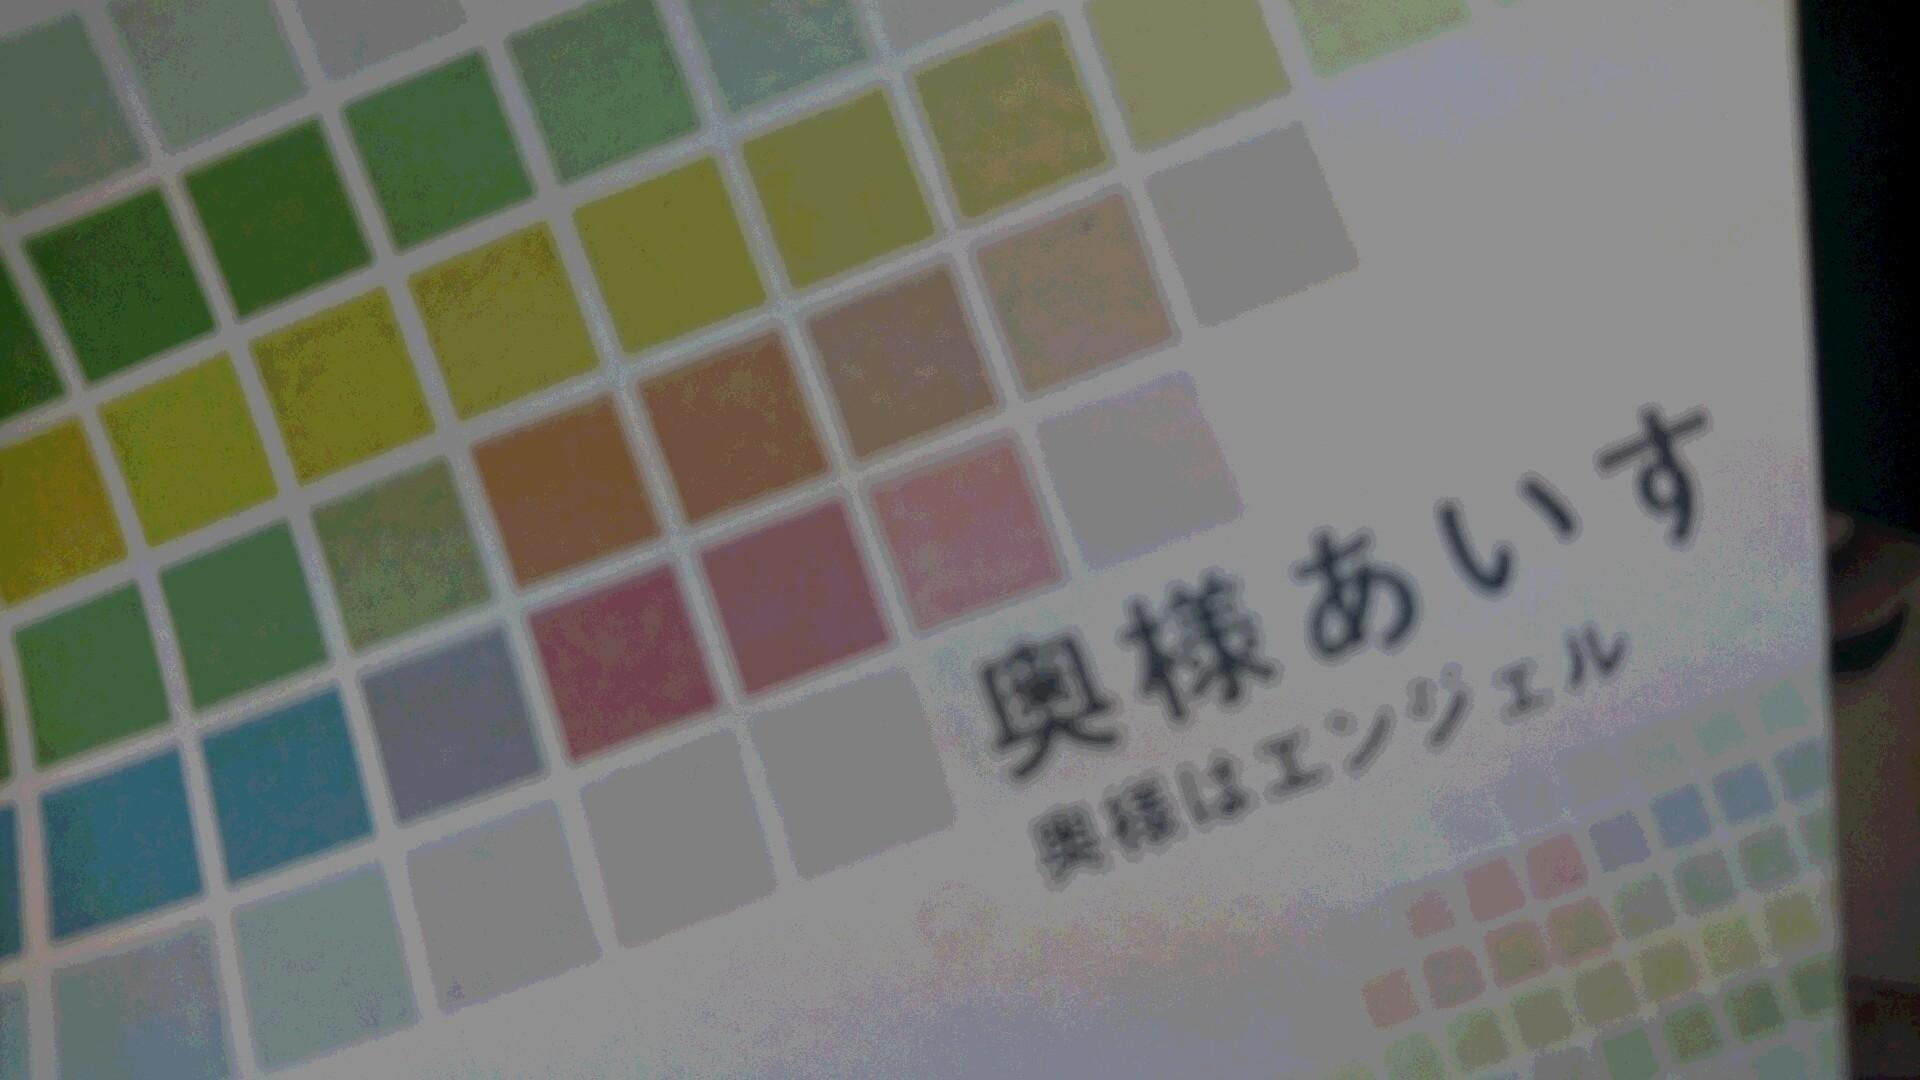 「お風呂はオーラから洗う(。・ω・)ノあっちゃんです(˘ω˘)」09/11(火) 09:34   あいすの写メ・風俗動画